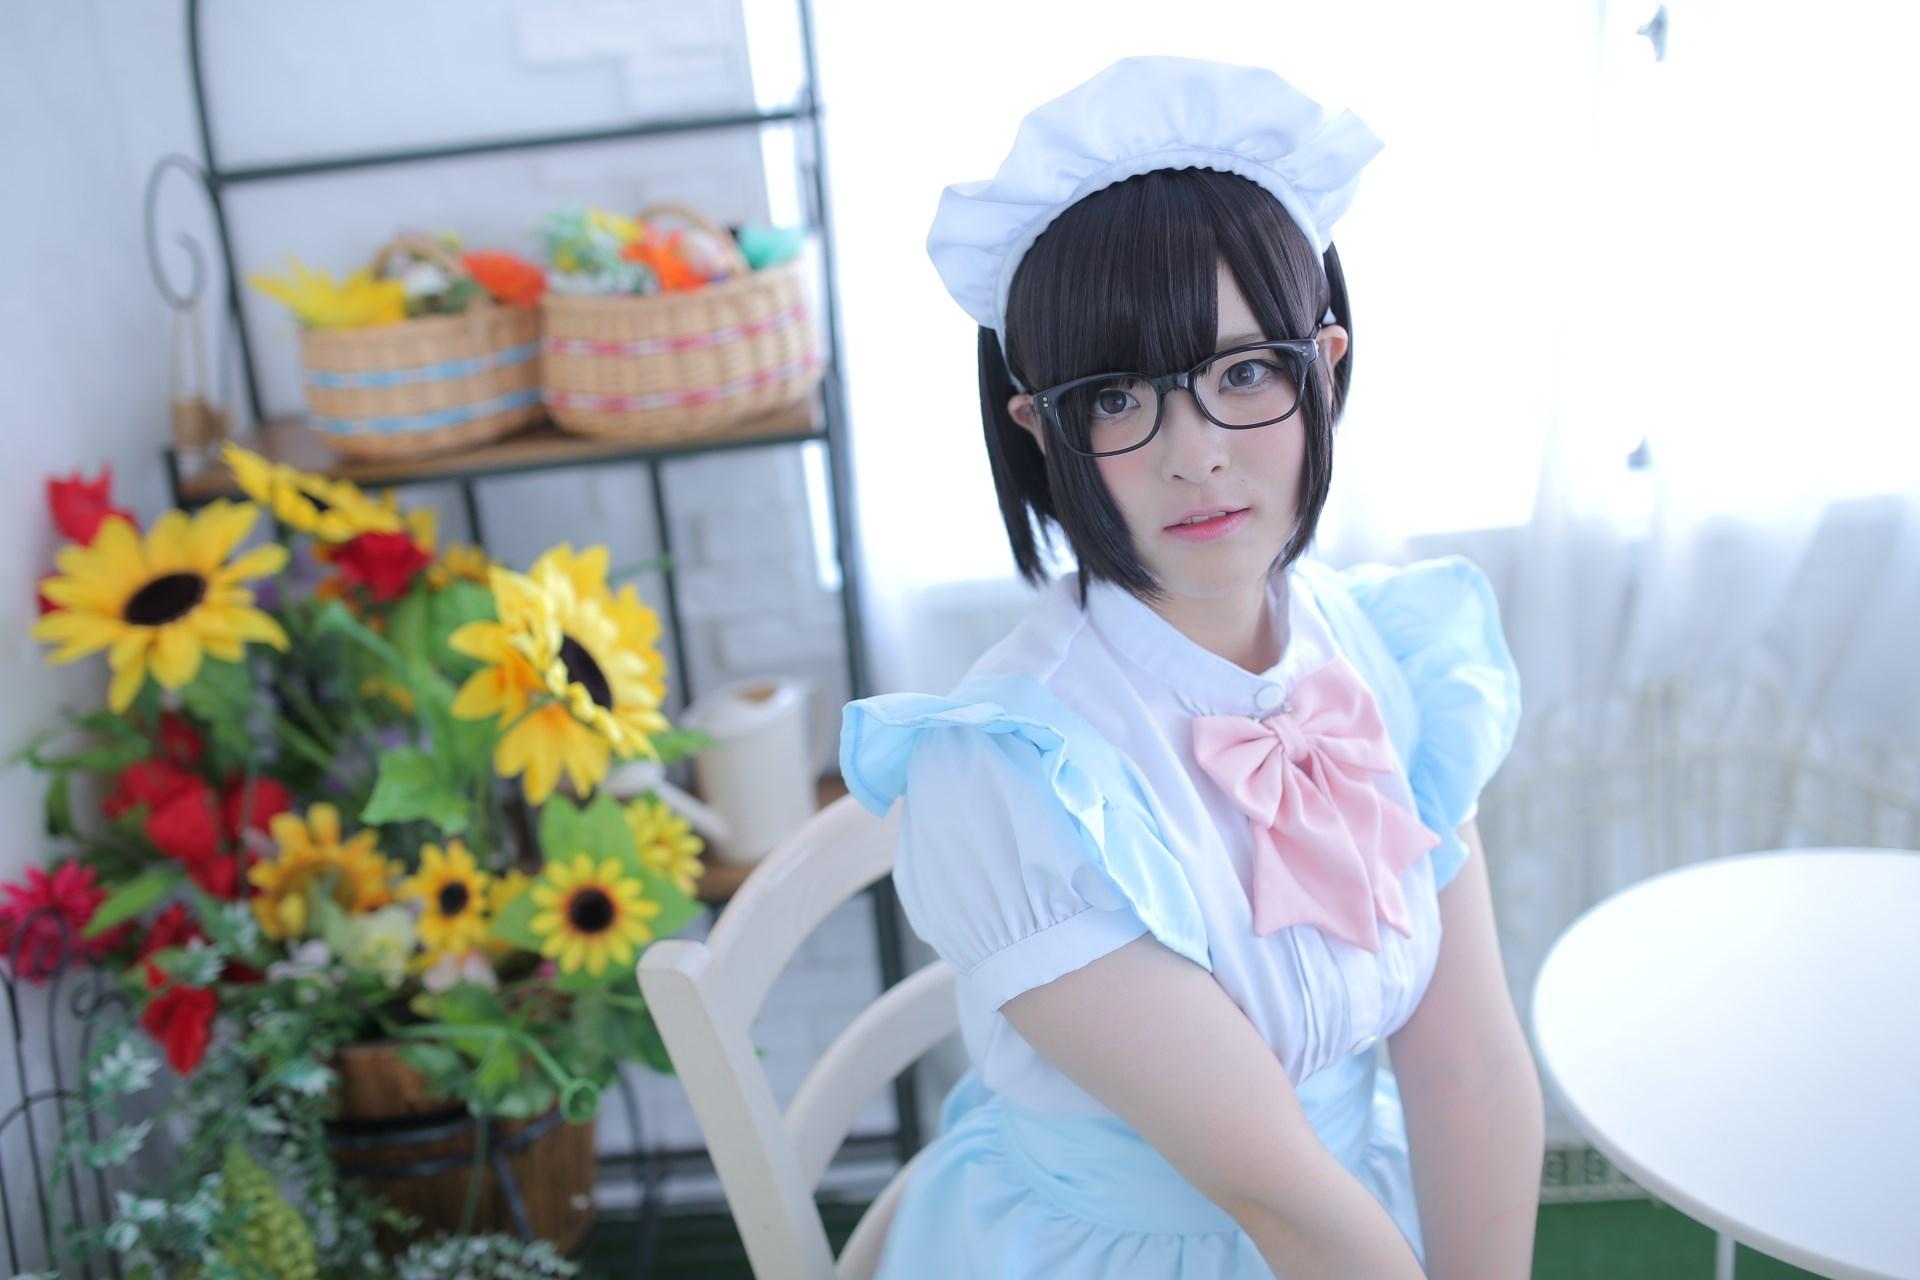 【兔玩映画】眼镜女仆 兔玩映画 第11张